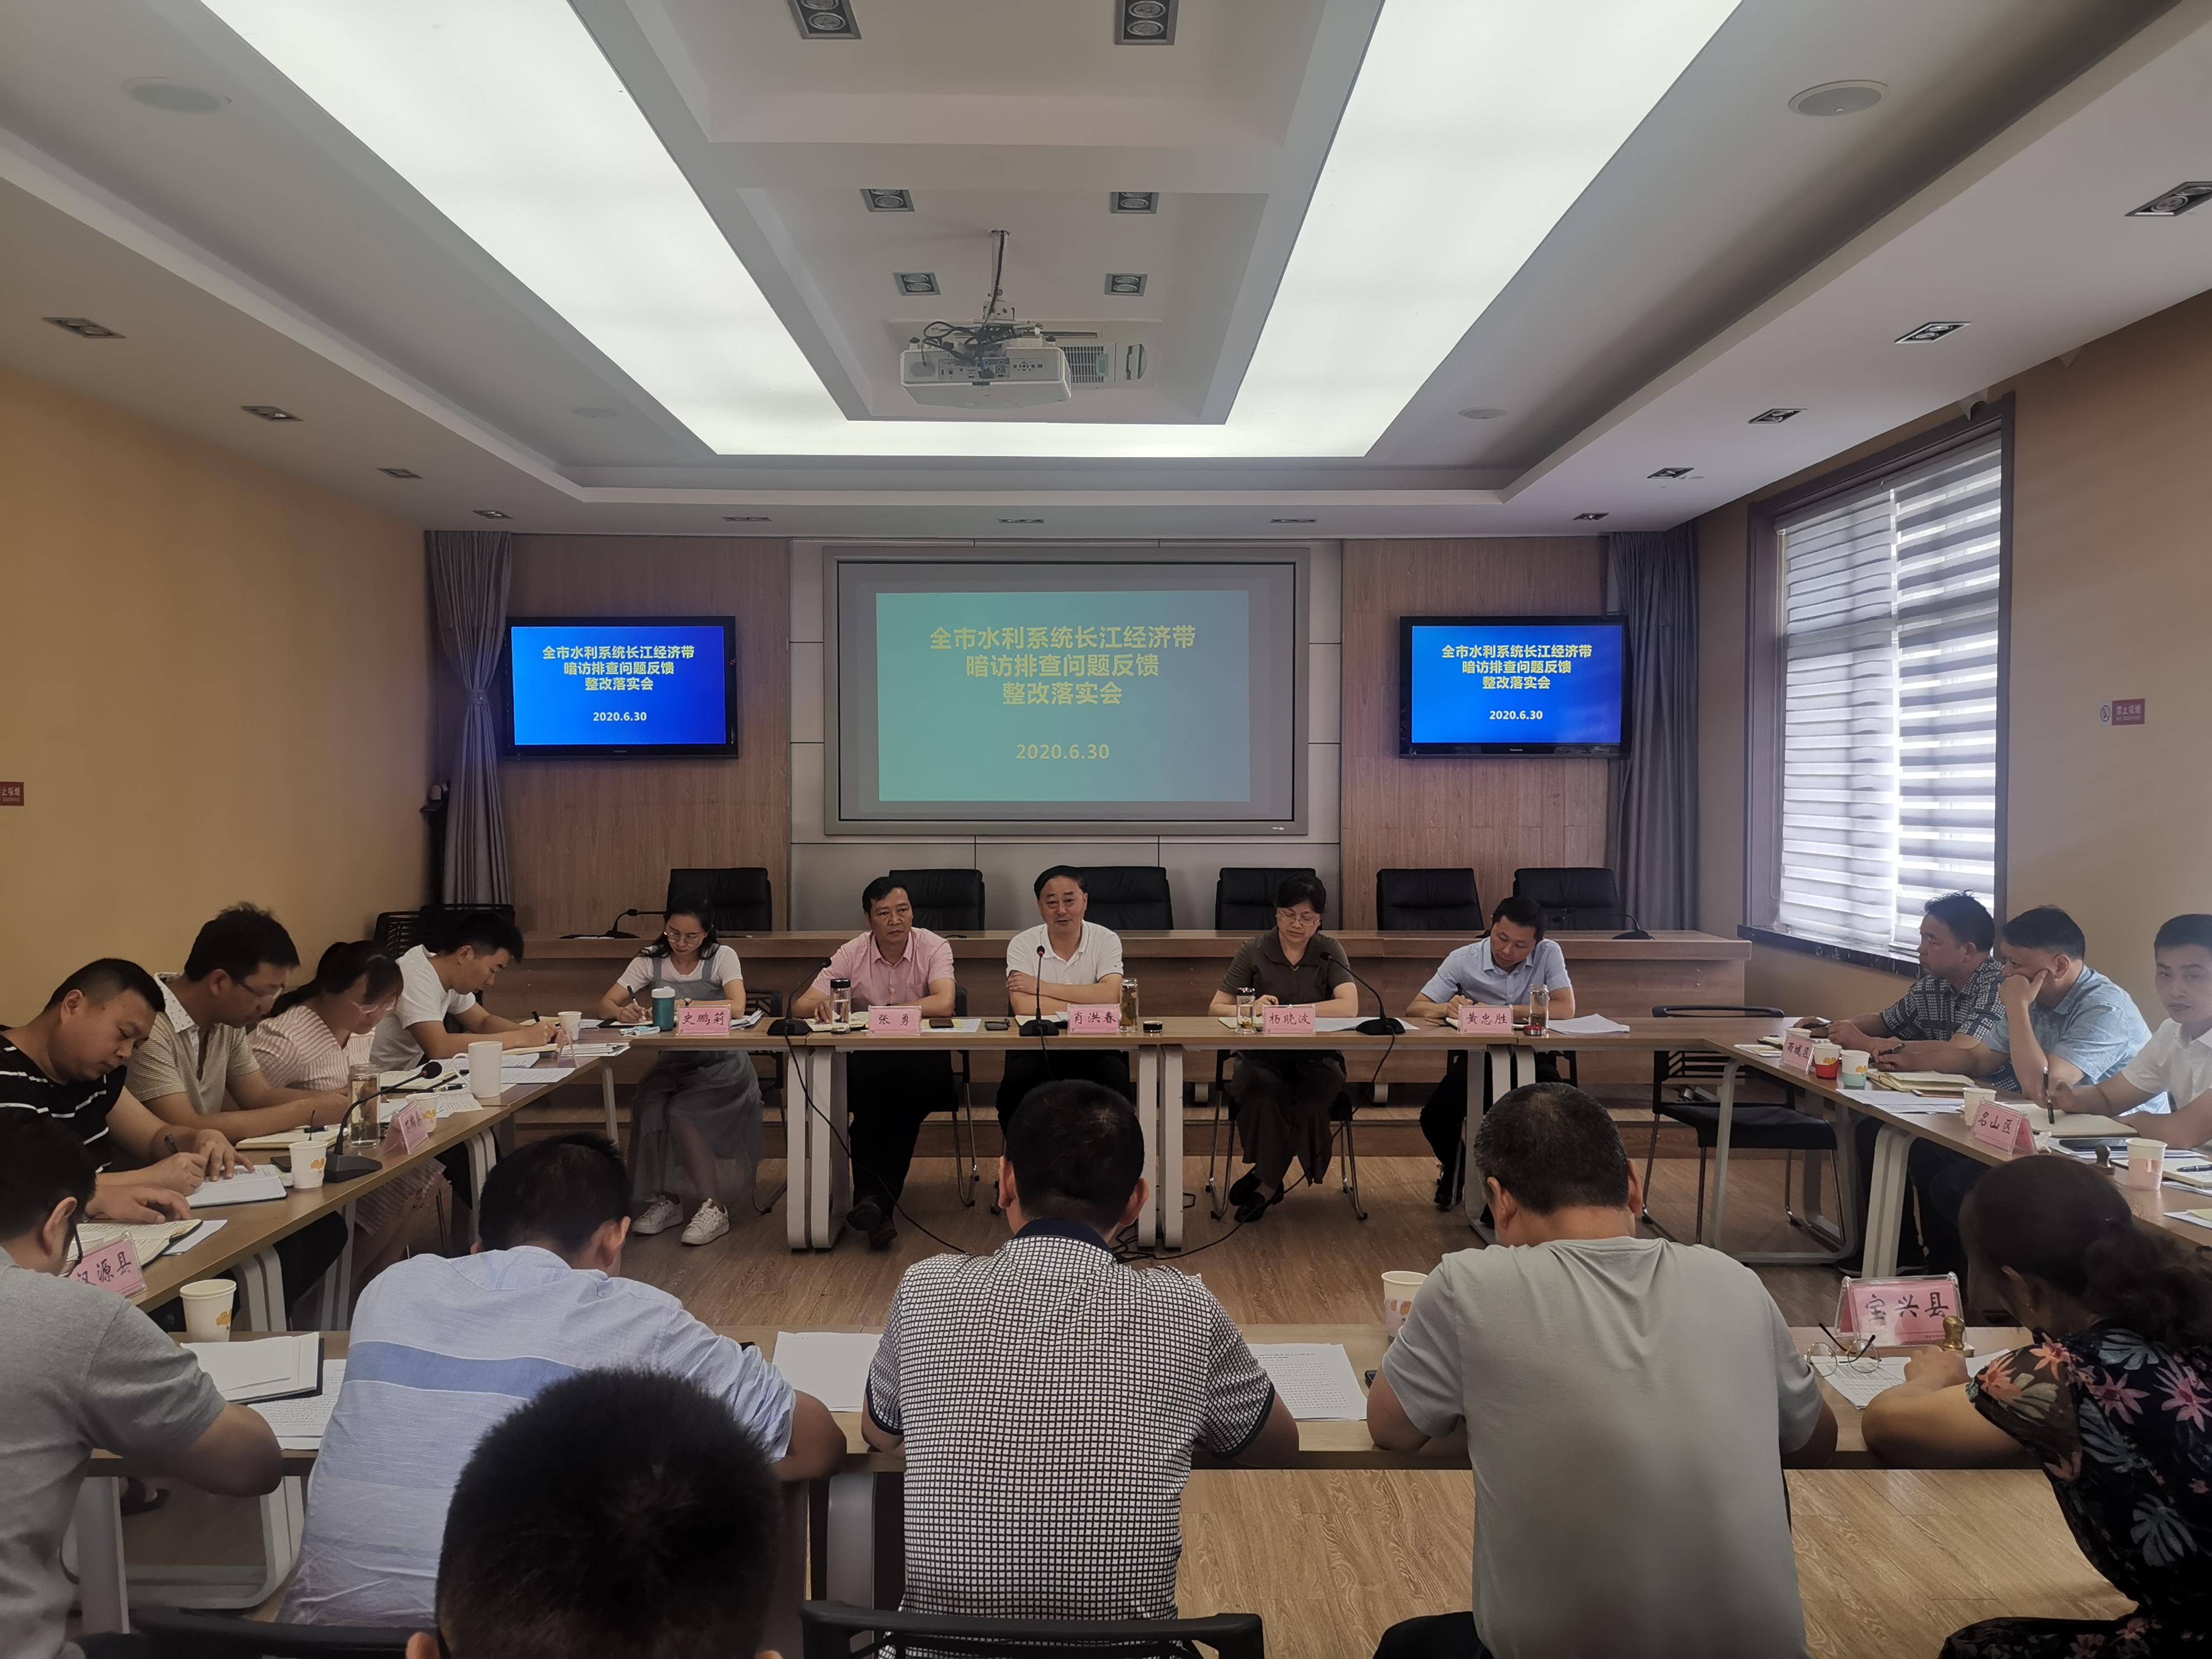 雅安市水利局召开全市水利系统长江经济带暗访排查问题反馈整改落实会